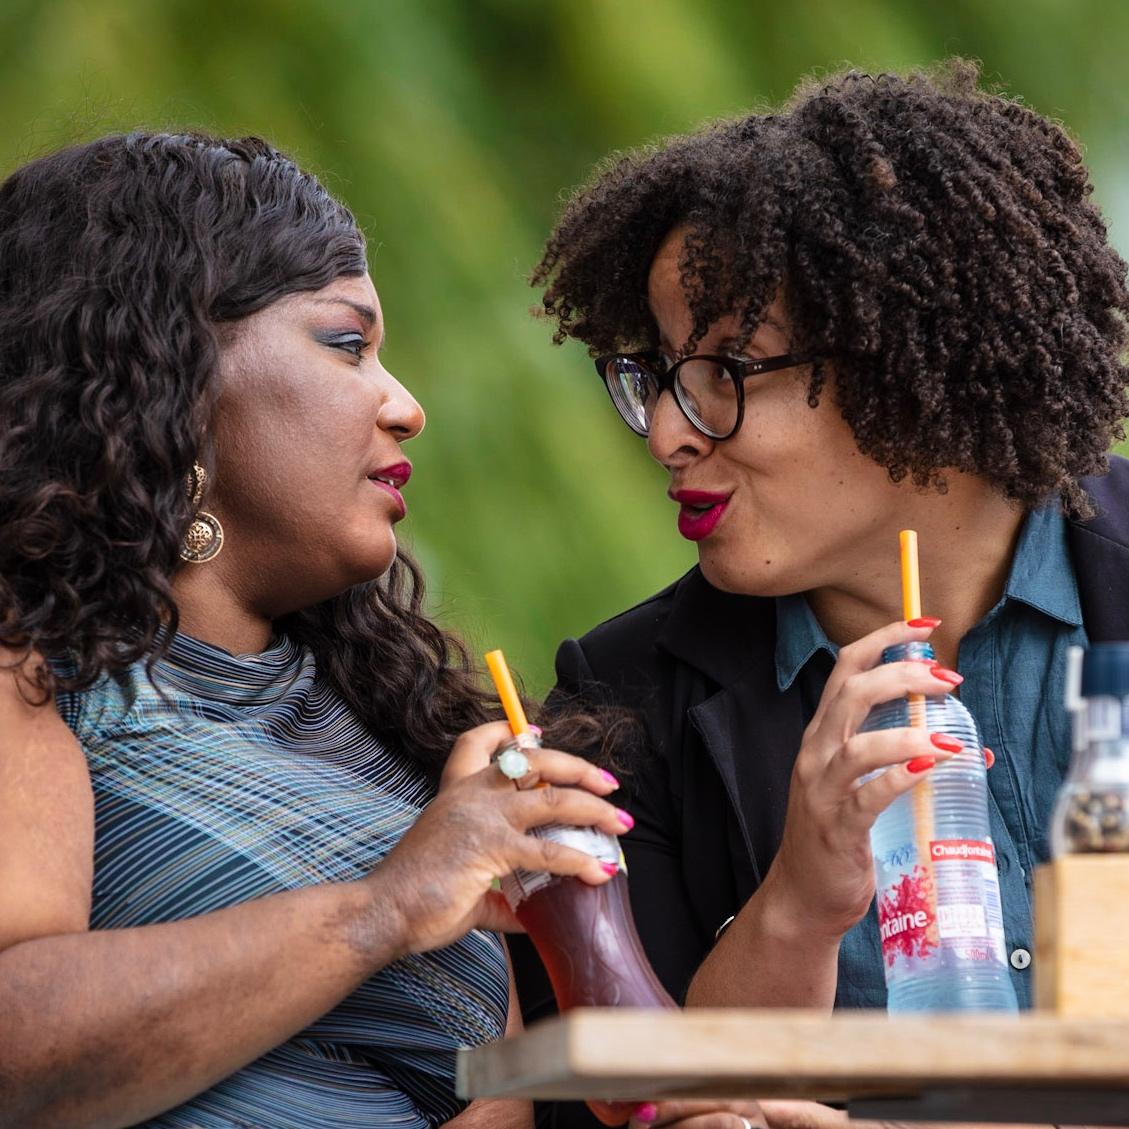 Twee vrouwen op een terras.